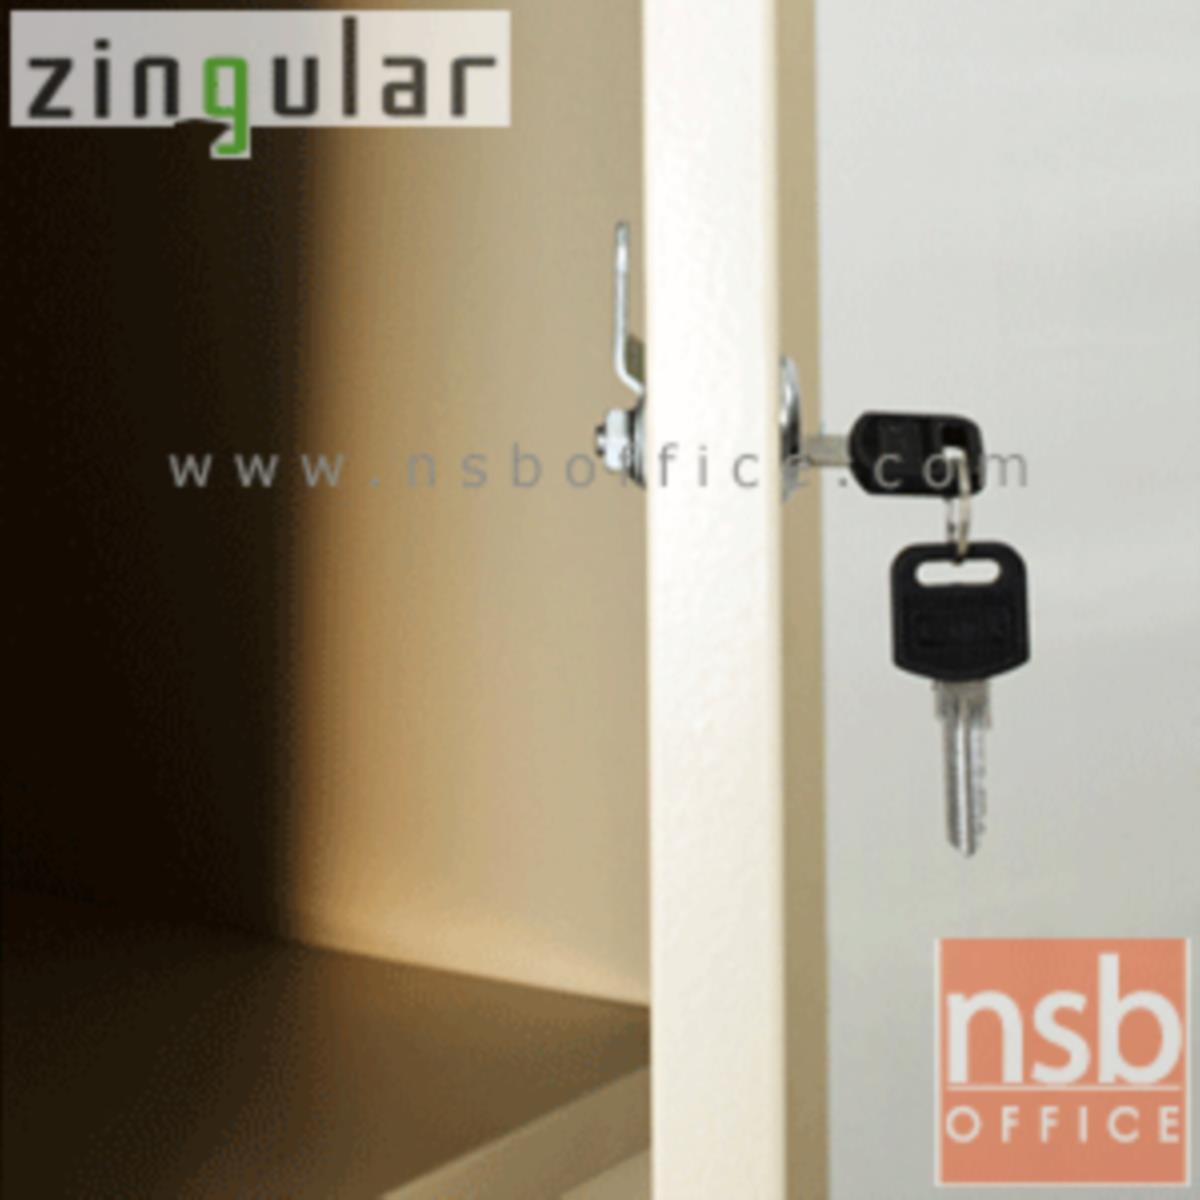 ตู้เหล็กล็อคเกอร์ 6 ประตู กุญแจแยก รุ่น ZLK-6106